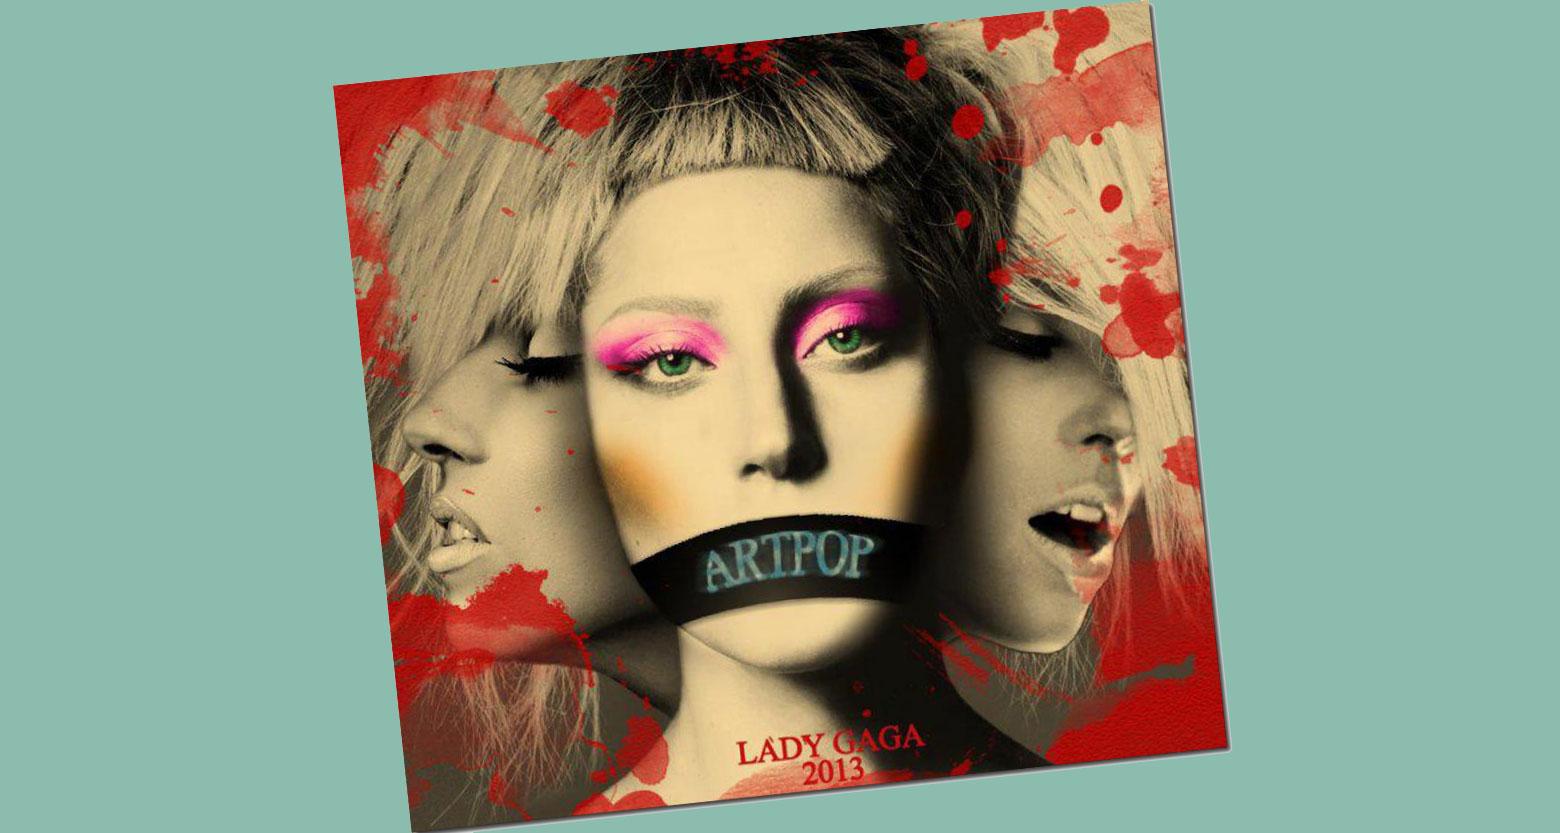 la-jaquette-d-artpop-le-nouvel-album-de-lady